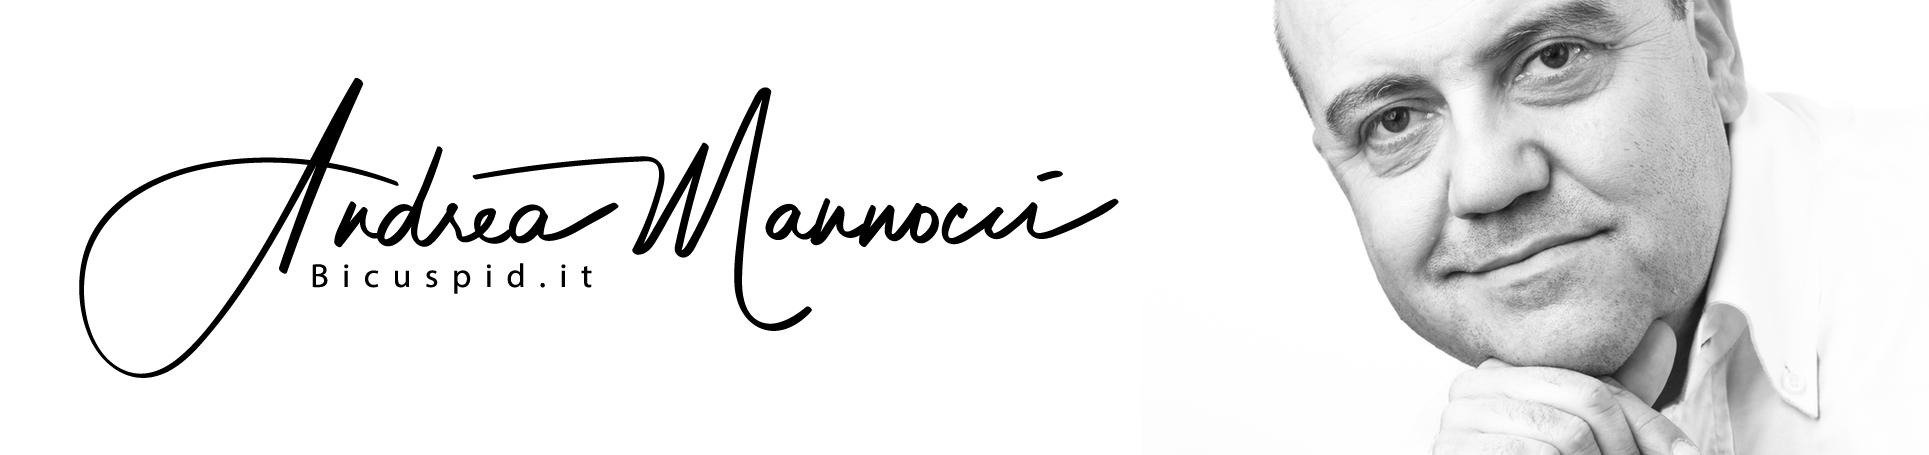 Andrea Mannocci Bicuspid.it